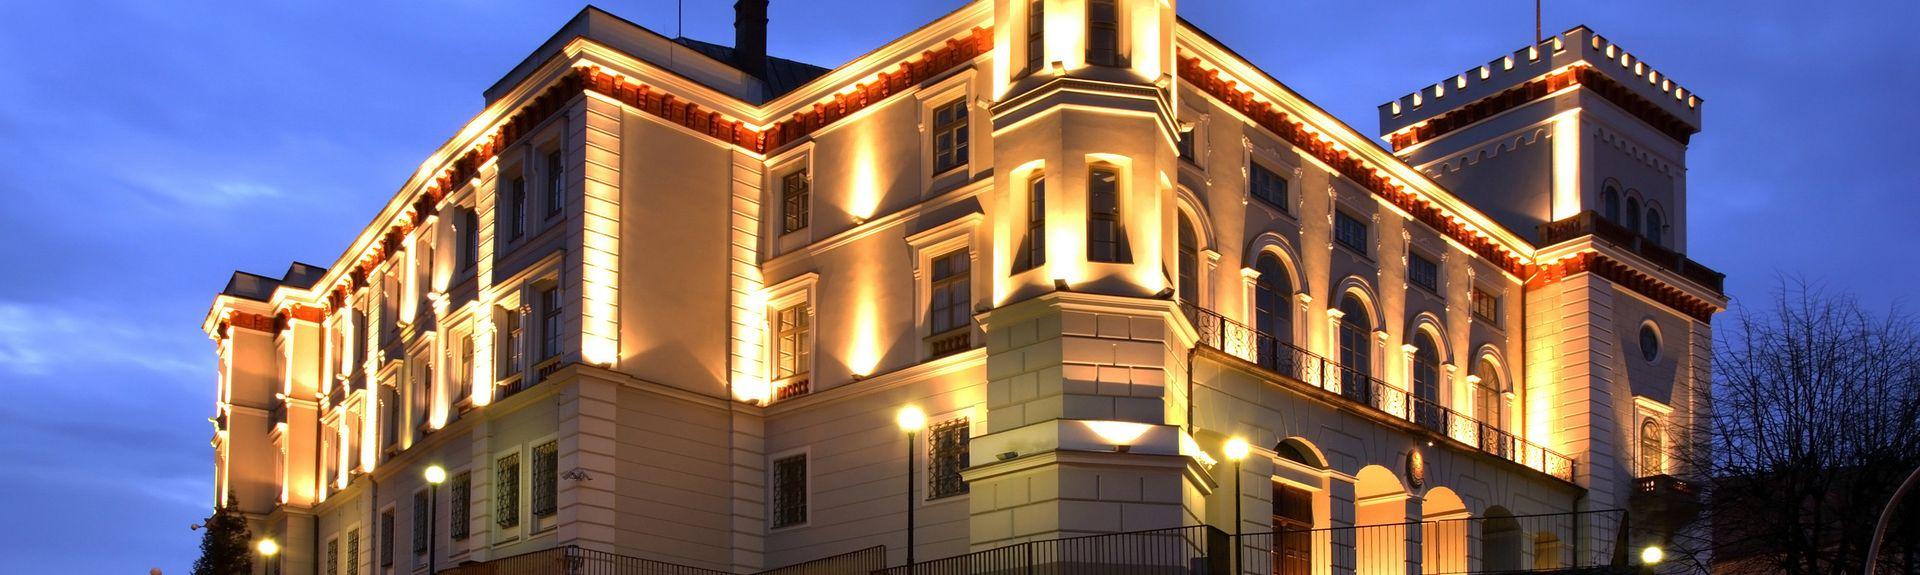 Voivodato Della Slesia Polonia bielsko-biala, pl: case vacanze, case in affitto, etc | vrbo